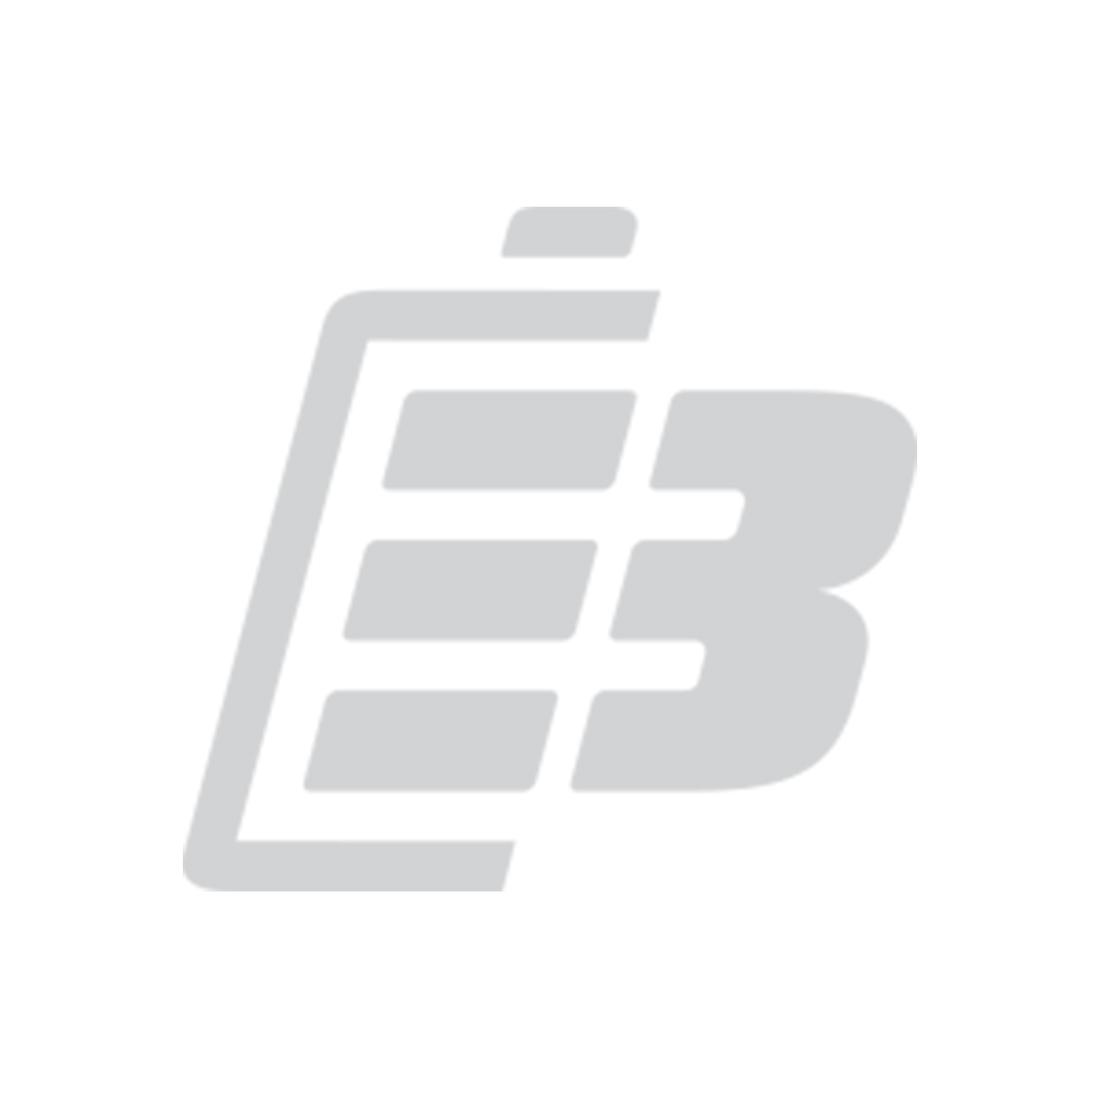 Μπαταρια Μολυβδου Multipower 12V 4Ah